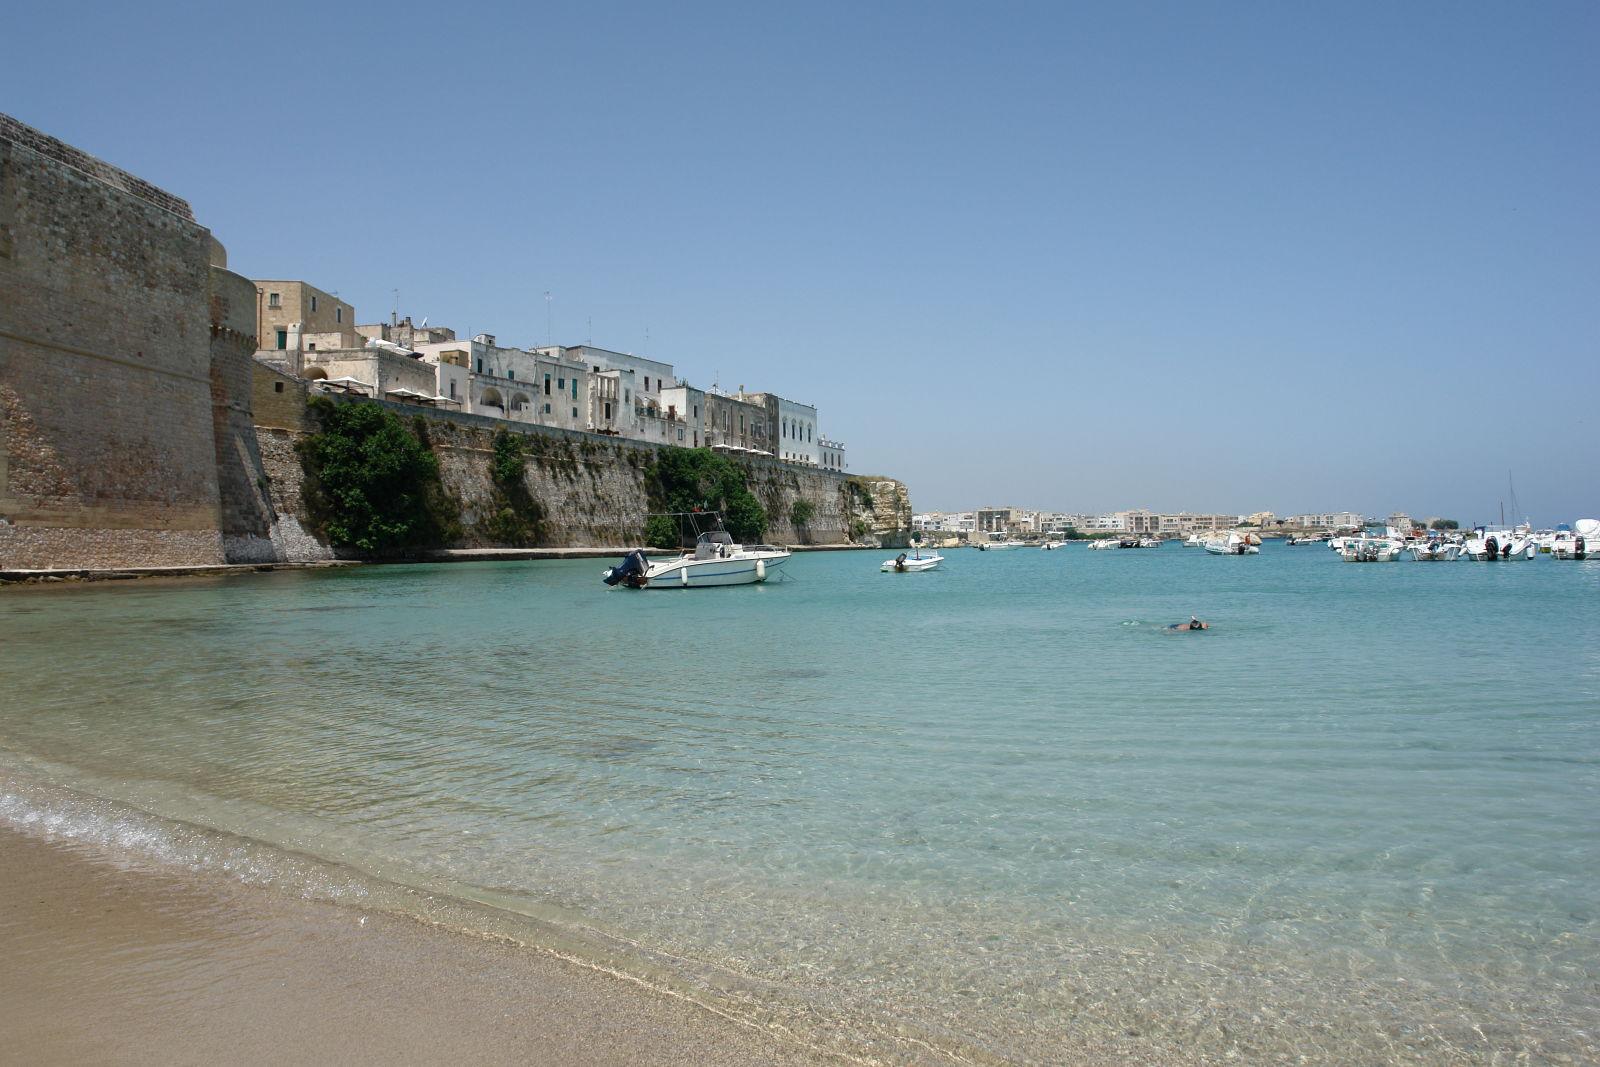 Otranto-Salento